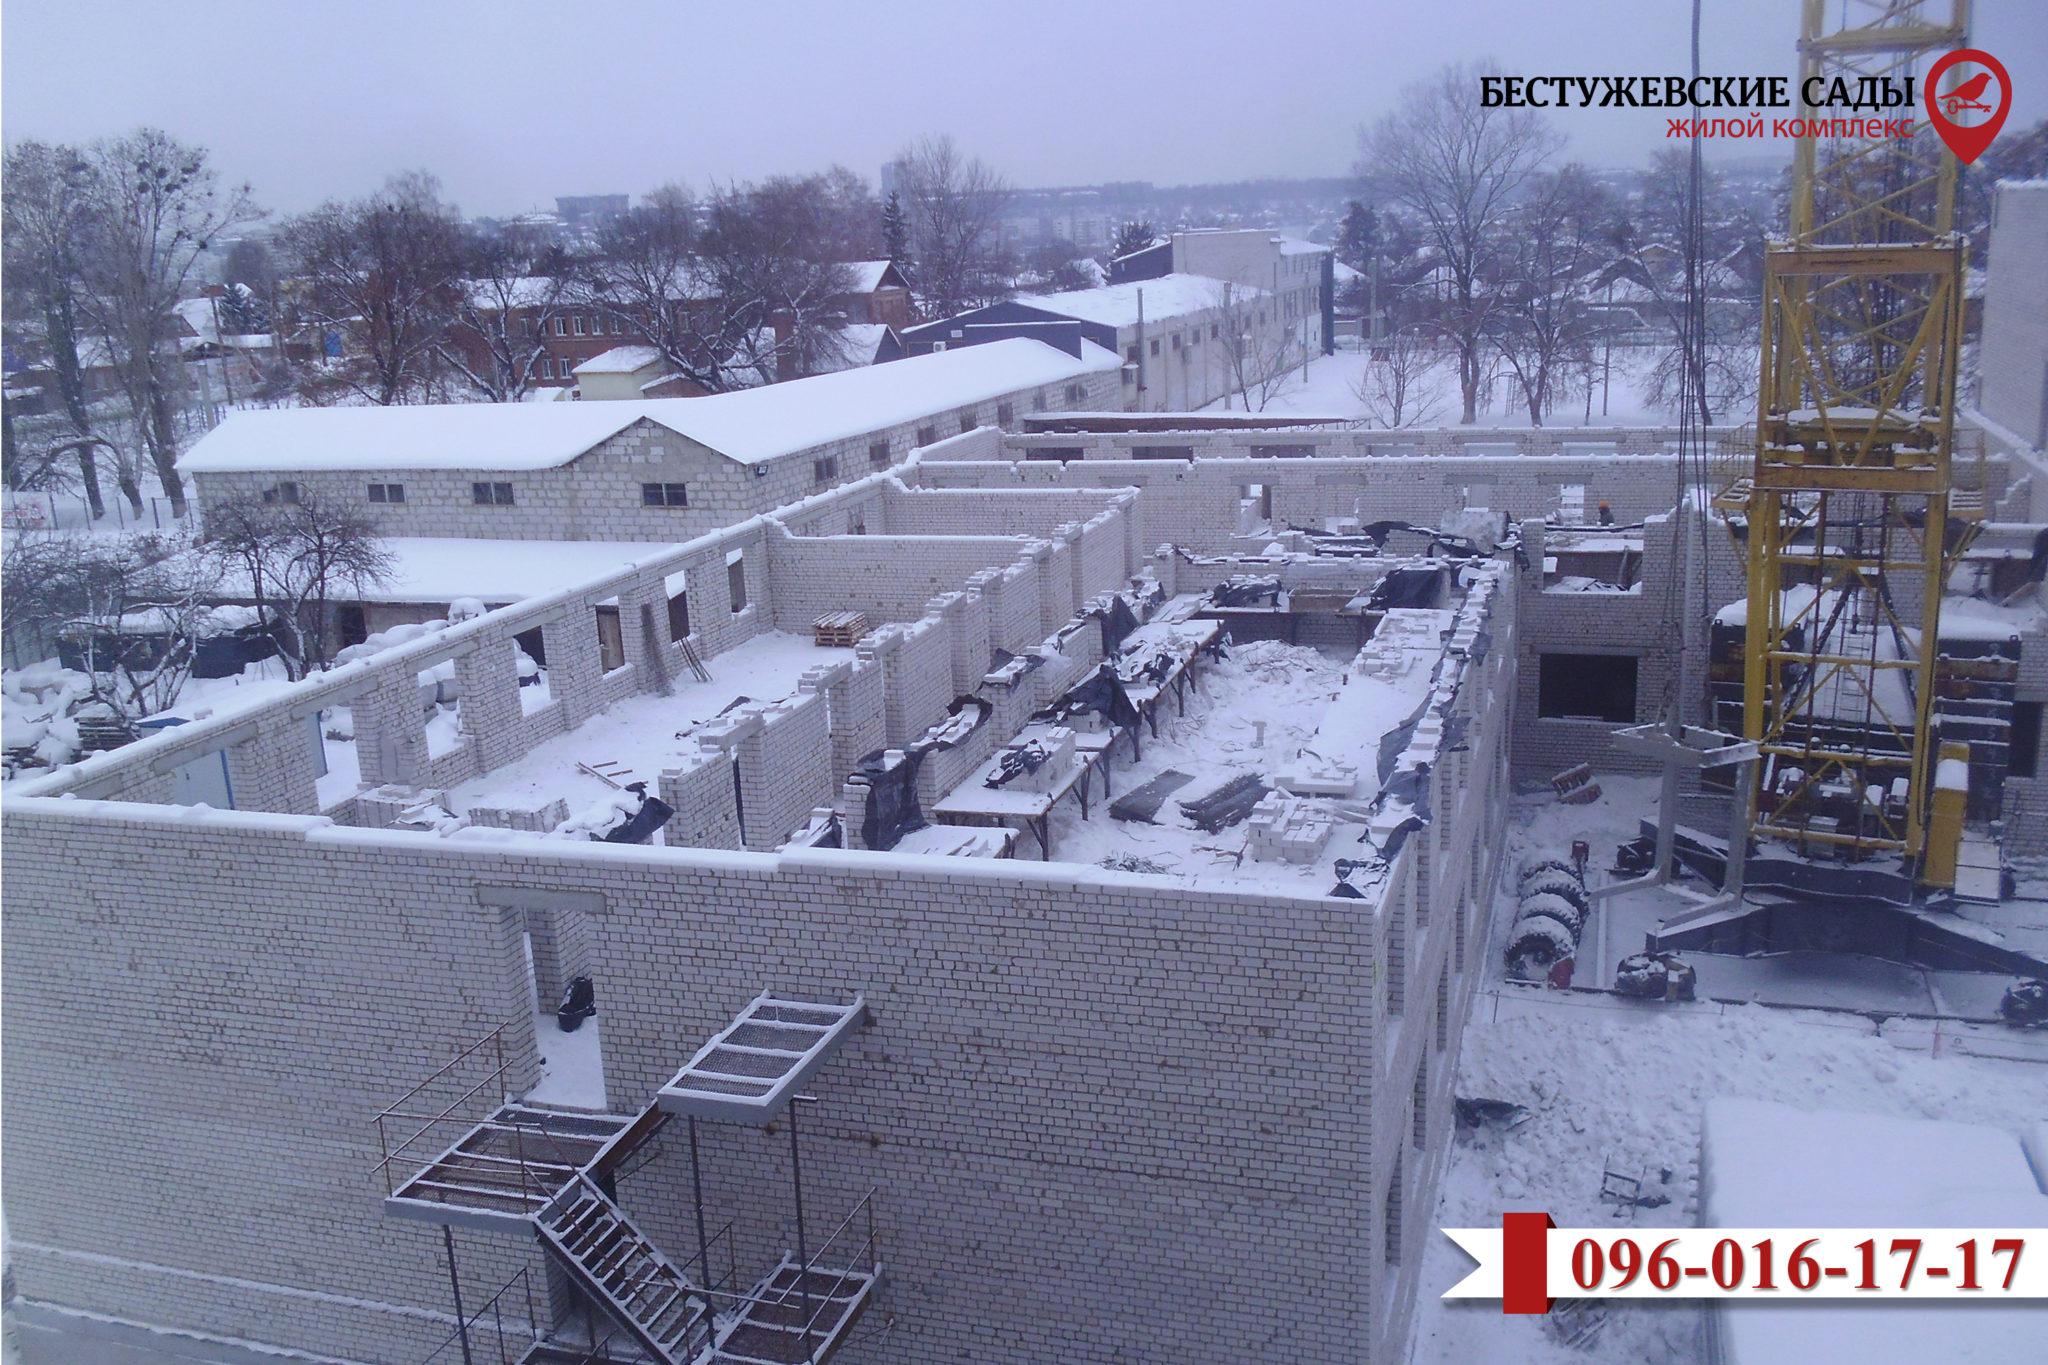 """Строительные работы в Жилом комплексе """"Бестужевские сады - 2"""" продолжаются"""